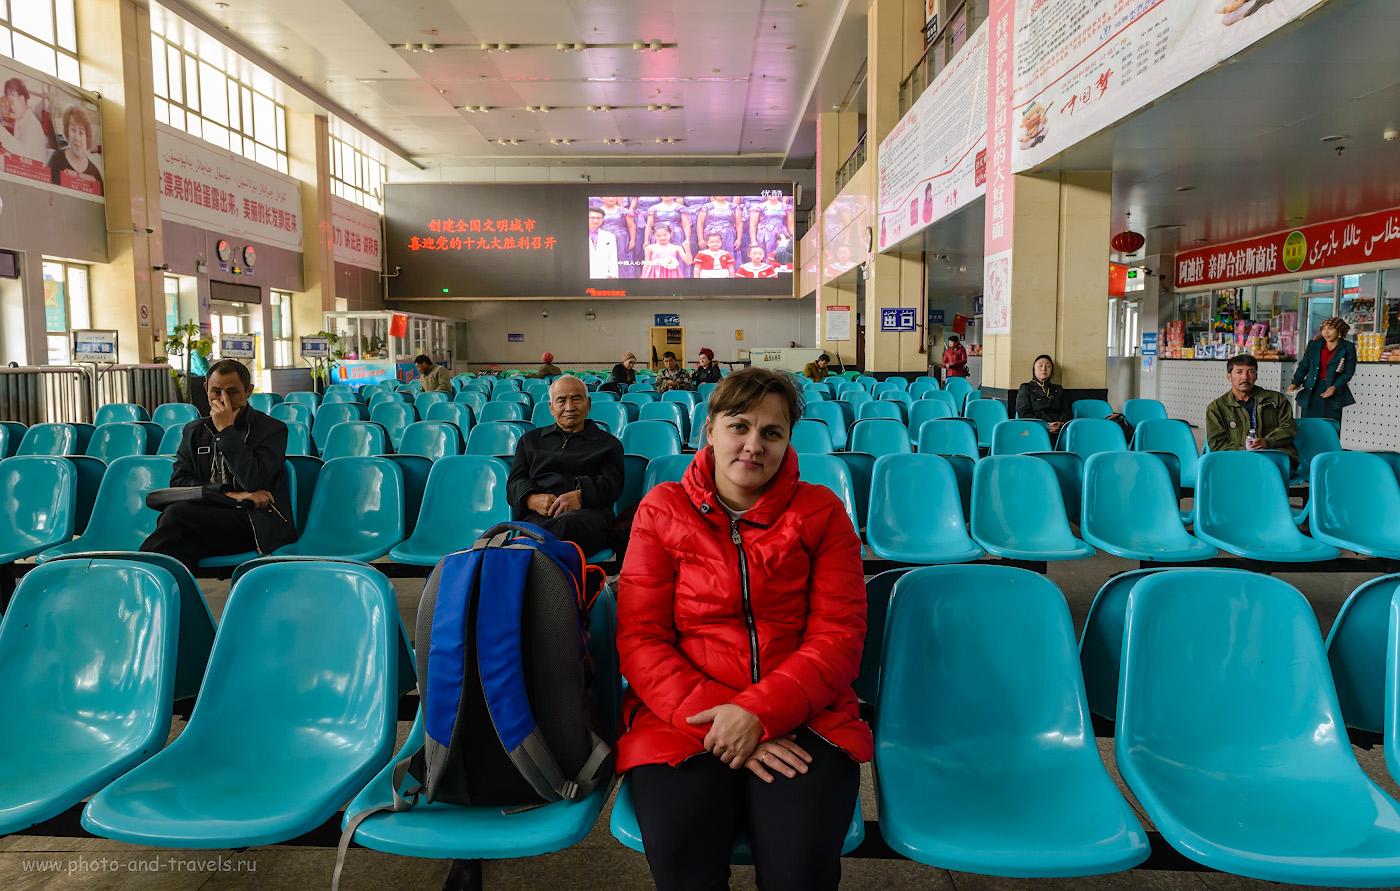 Фото 1. Зал ожидания Южного автовокзала (Nanjiao Coach Station, 南郊客运站) в Урумчи. Отзывы о поездке в Китай самостоятельно. Камера Nikon D610, объектив Nikon 24-70mm f/2.8. Настройки: выдержка 1/50 сек., экспокоррекция -0,33EV, диафрагма f/6.3, ISO 1400, фокусное расстояние 24.